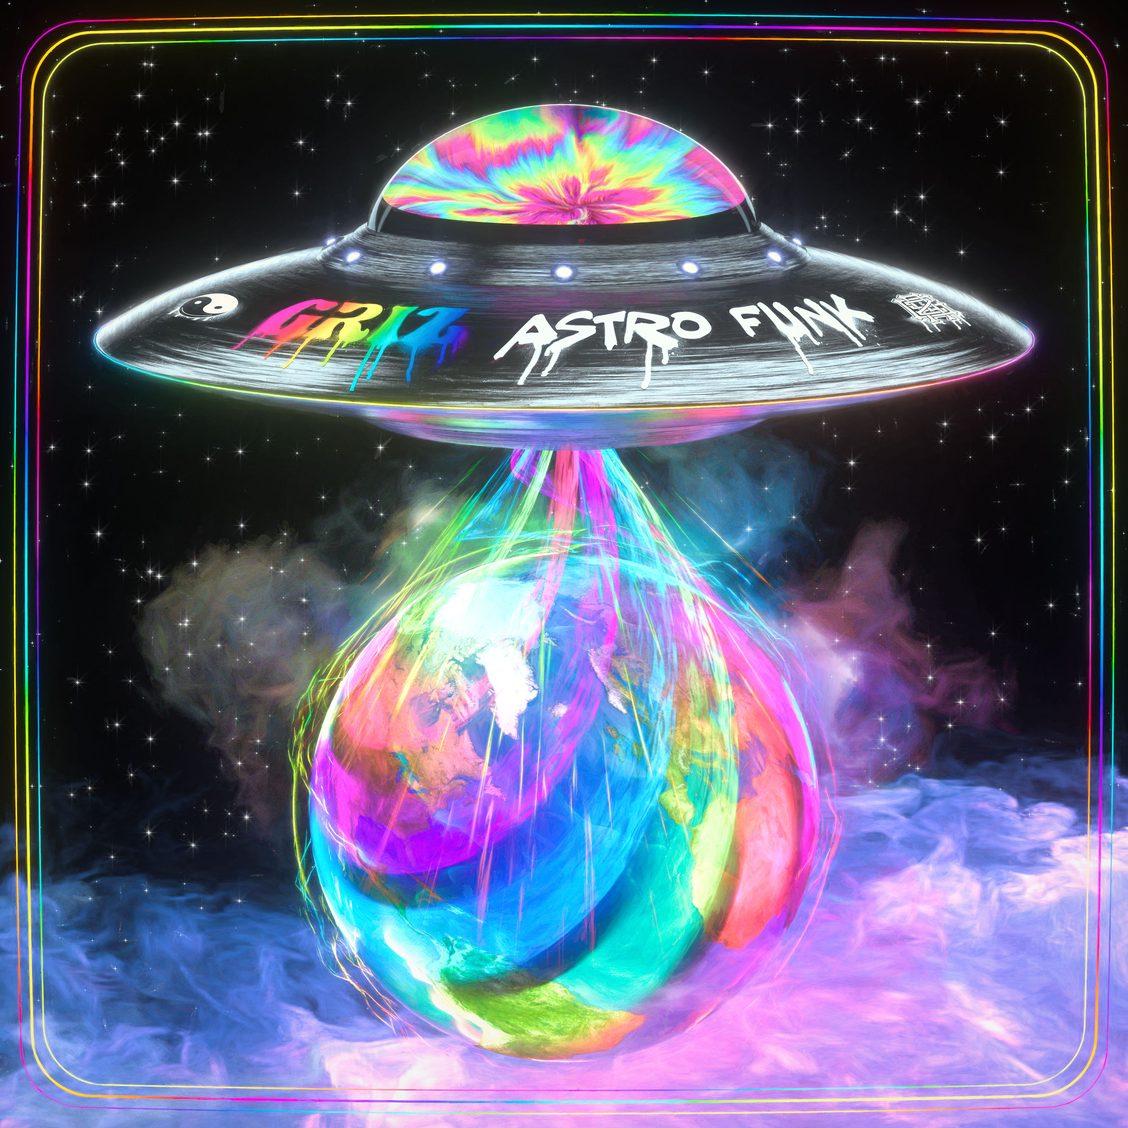 griz astro funk